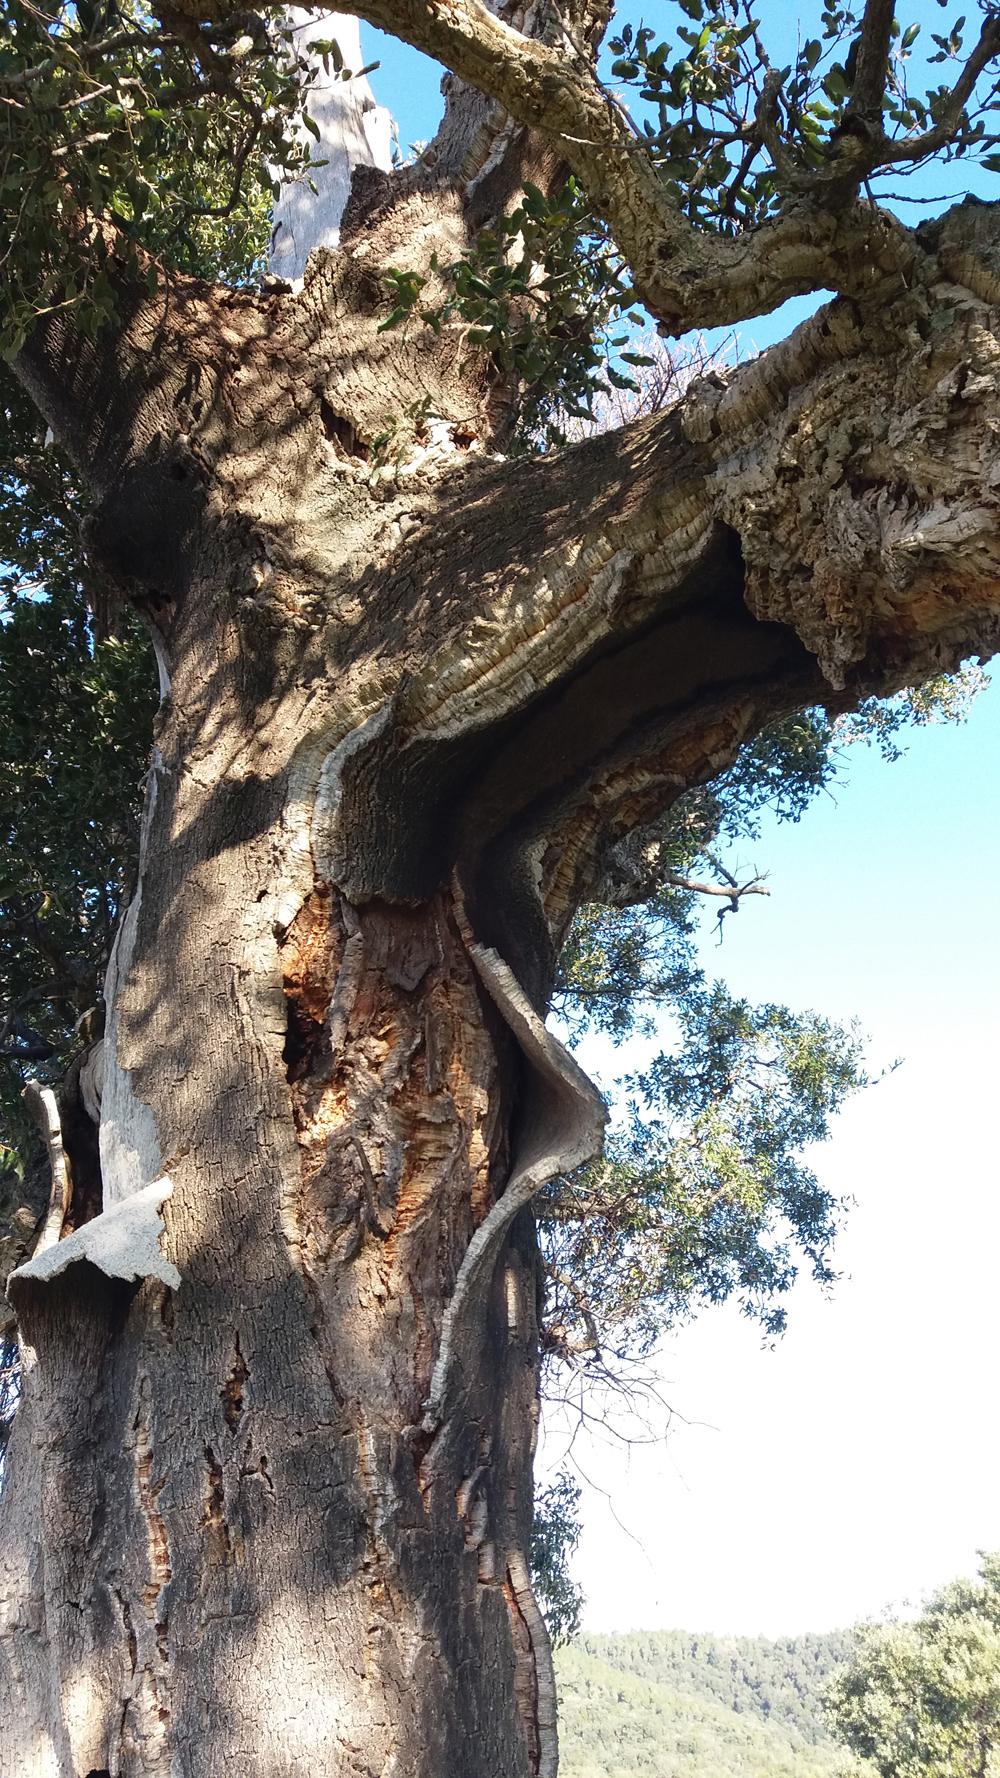 Interessante questo tronco di quercia da sughero ...